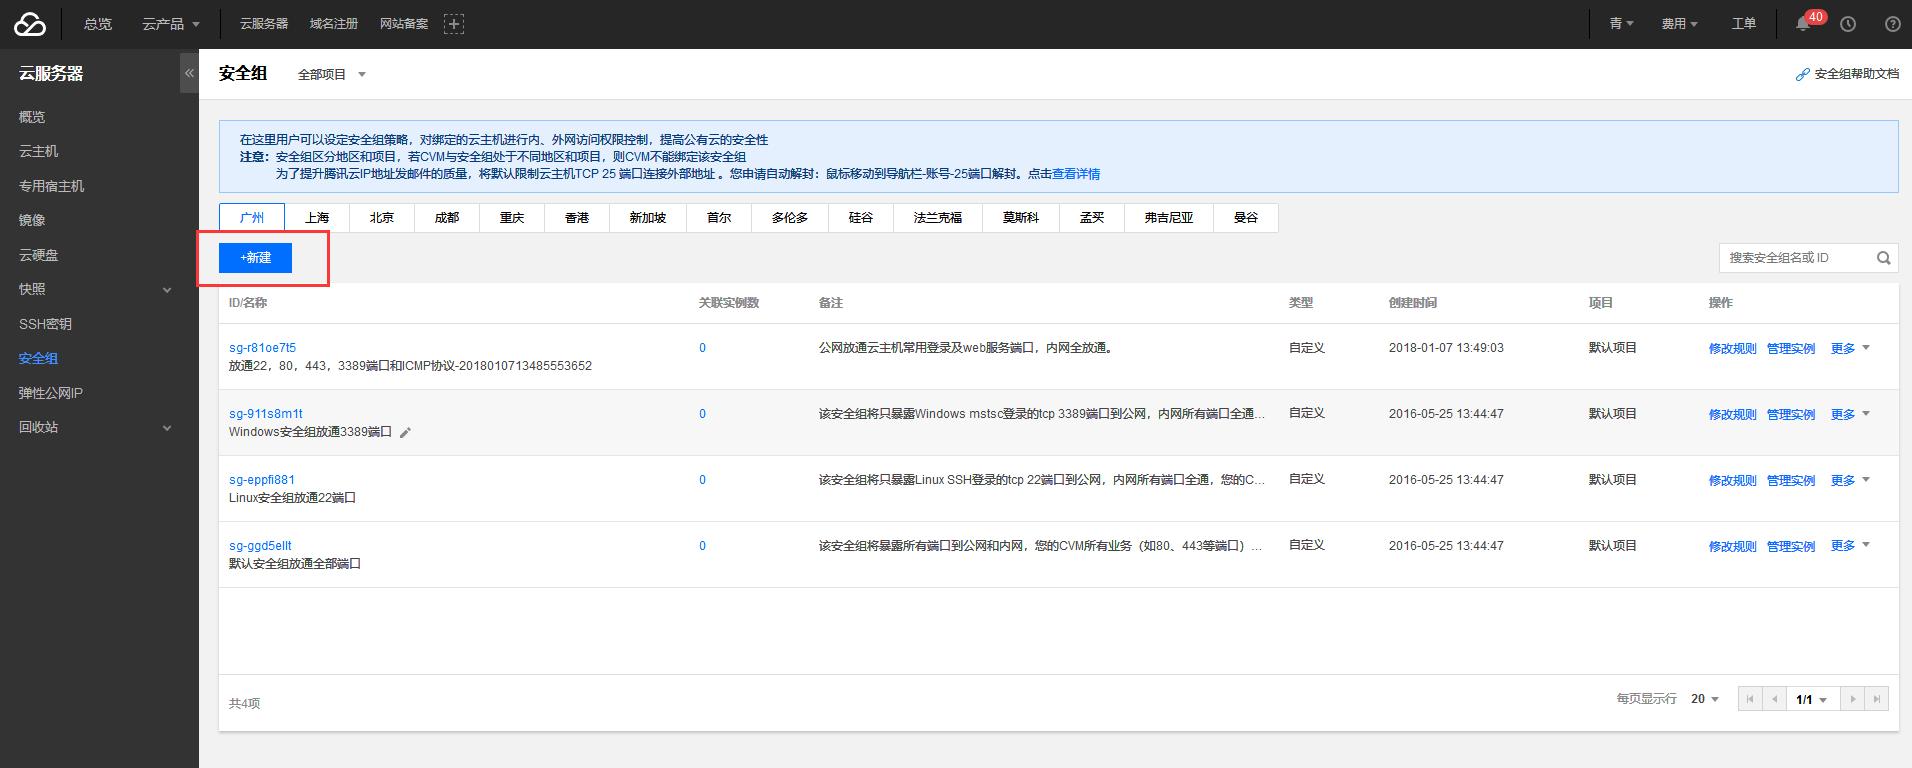 腾讯云CVM如何放行URLOS的9966/9968端口号